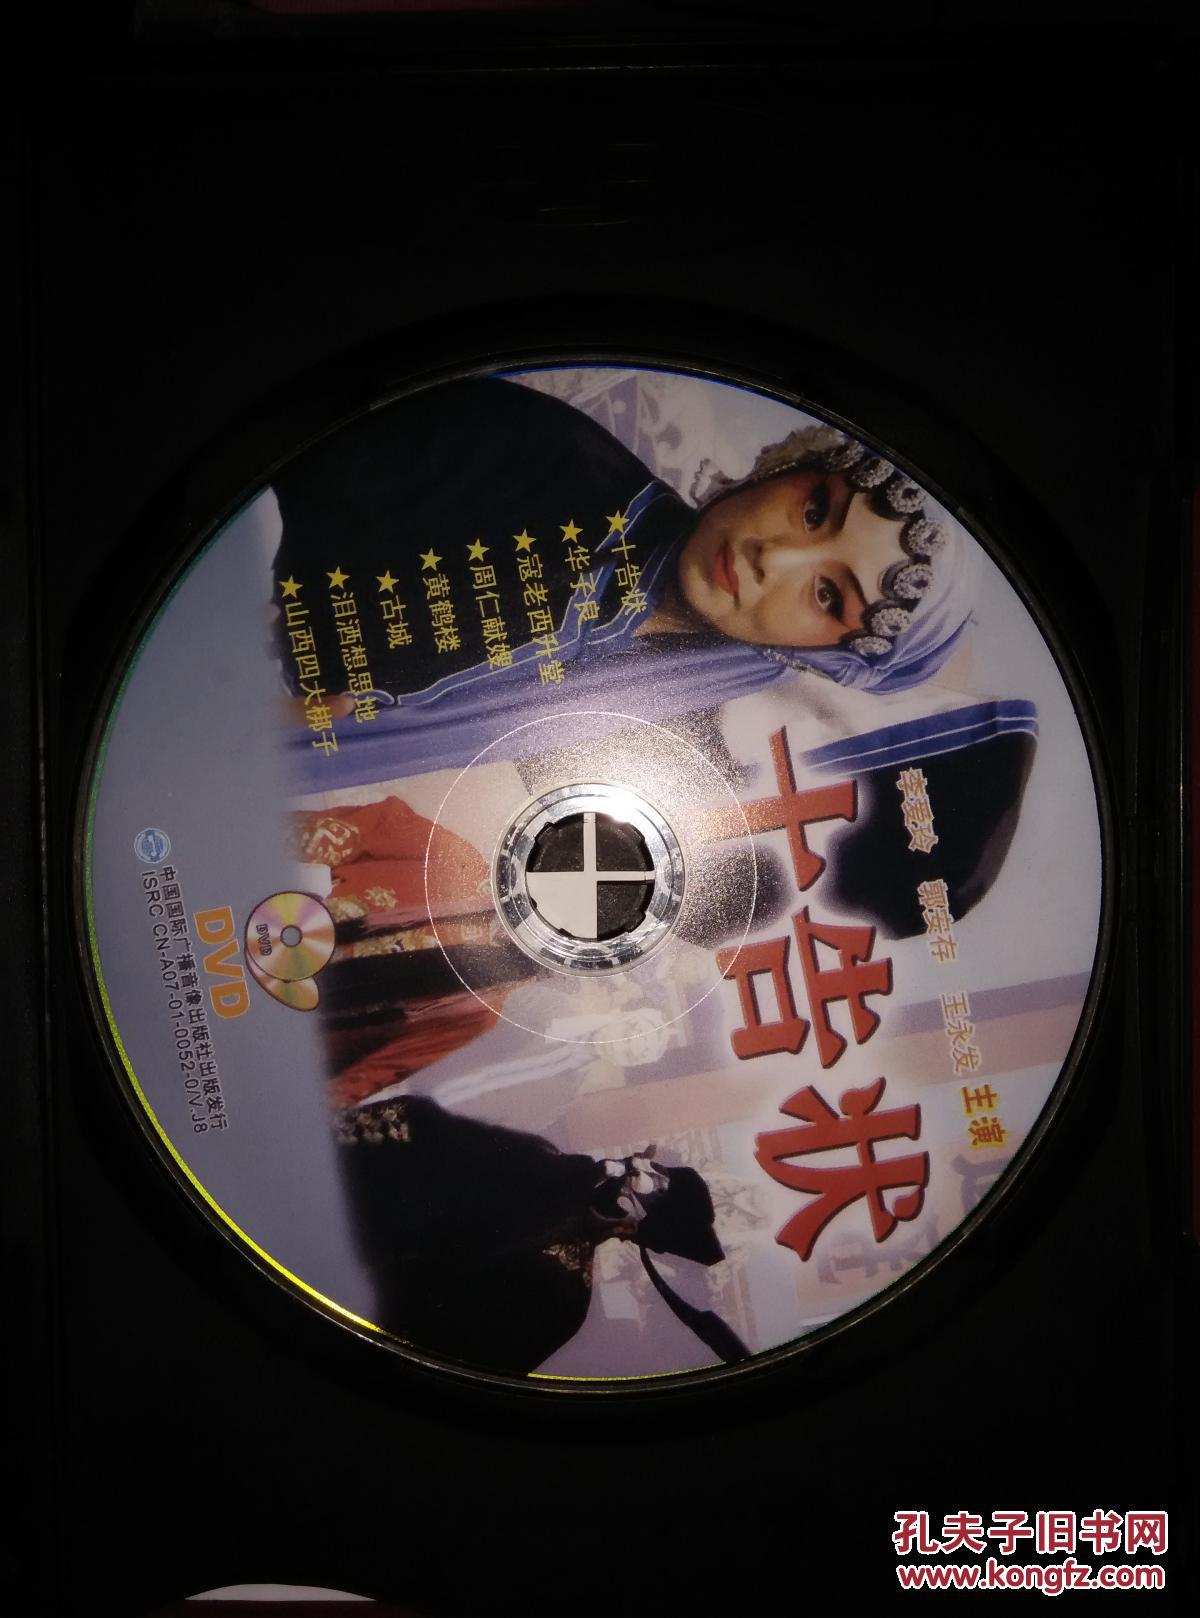 蒲剧十告状_蒲剧李爱玲《十告状》(dvd)